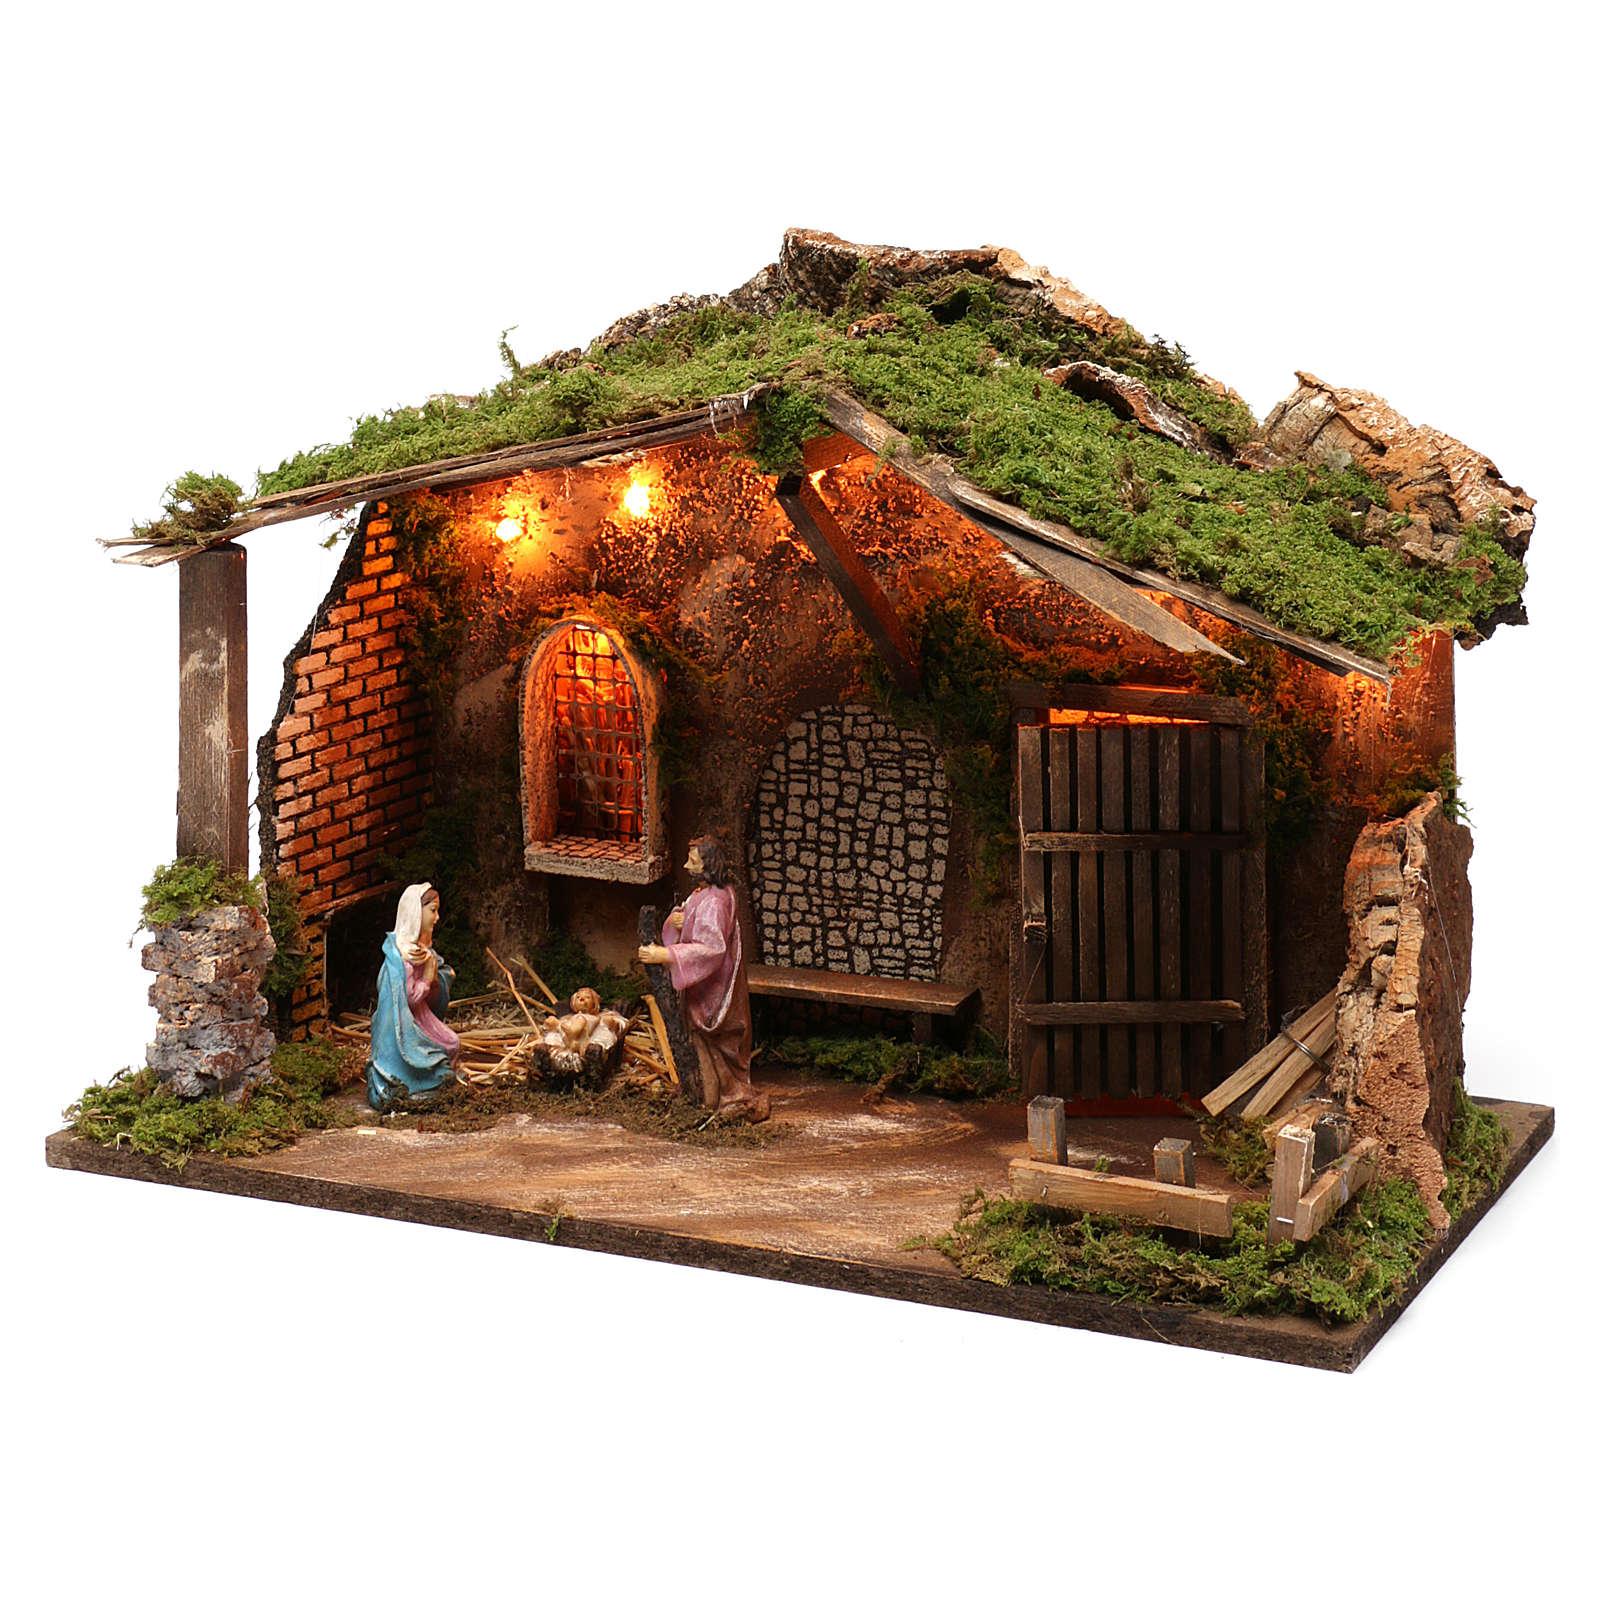 Cabaña para belén 10 cm con natividad y luces, tamaño 40x50x30 cm 4